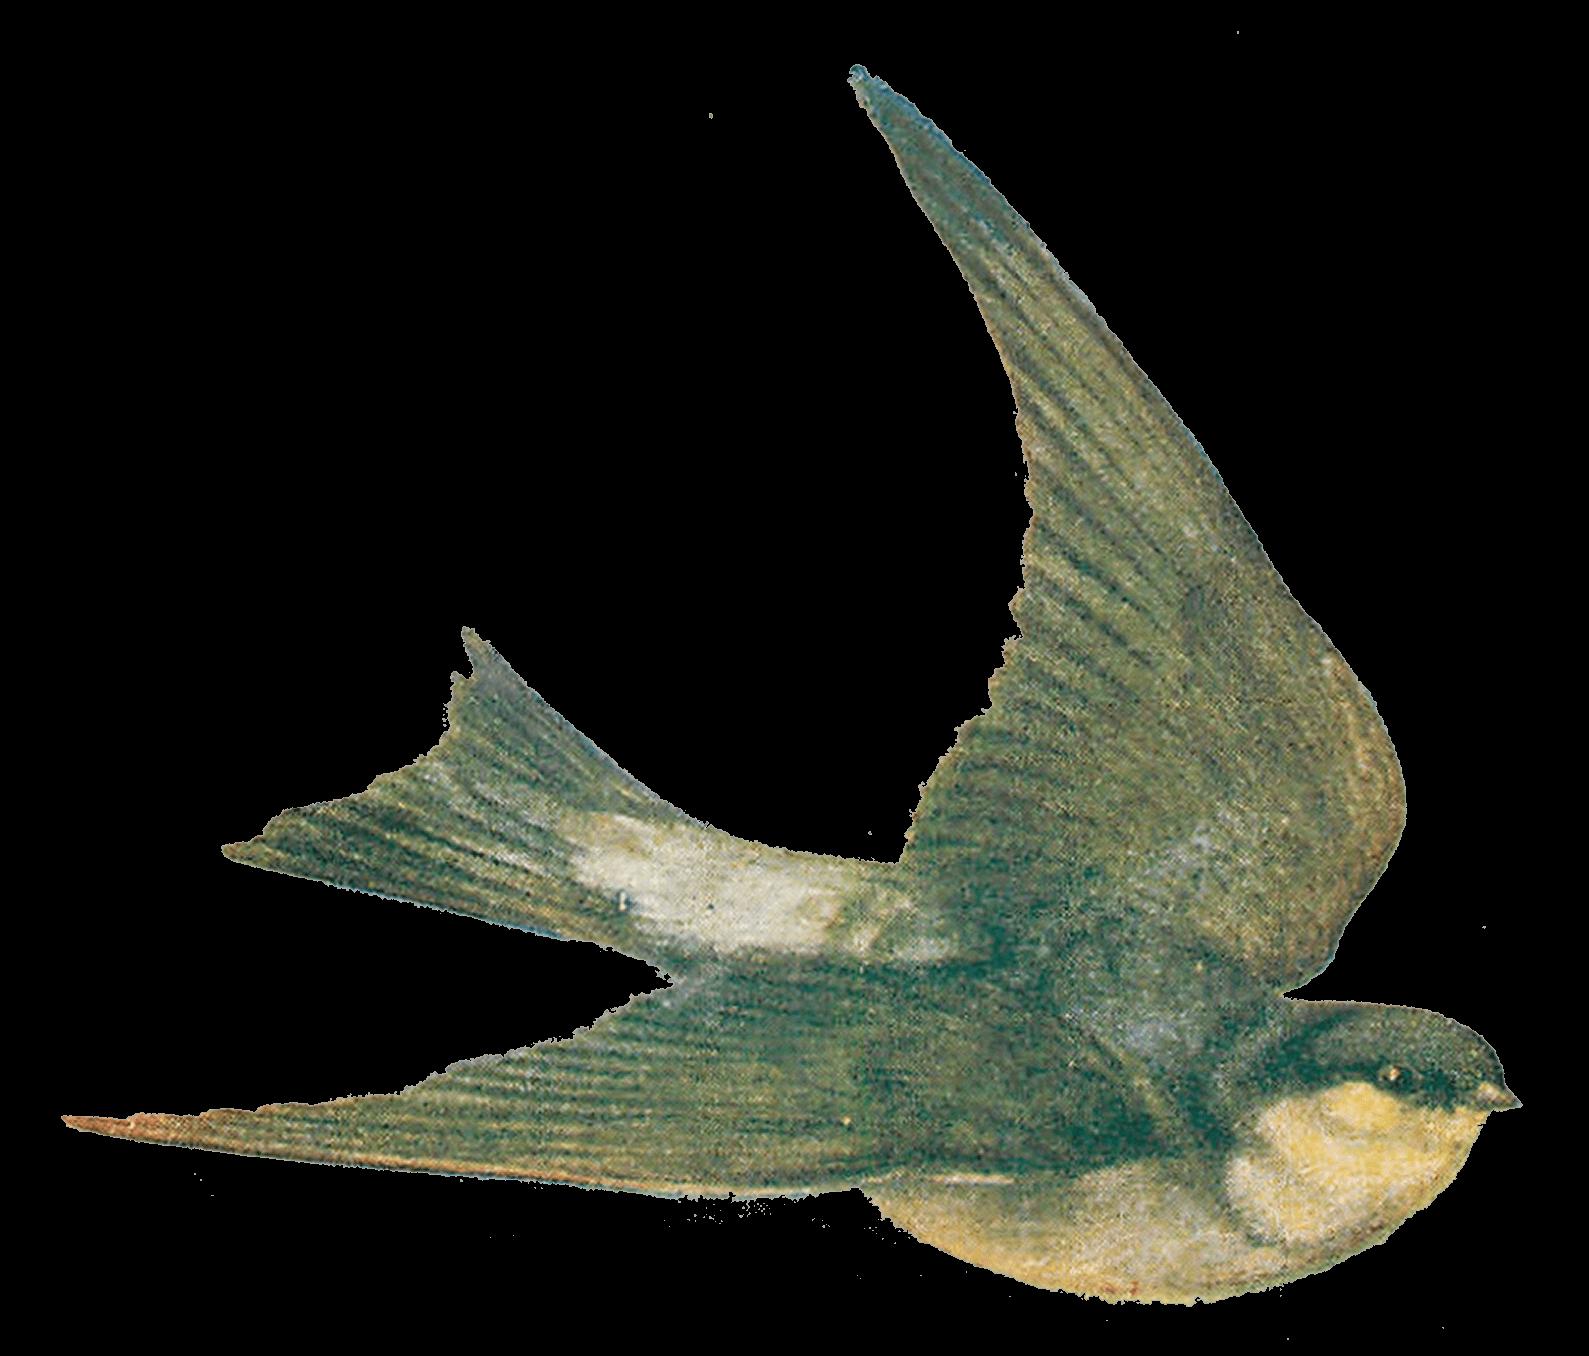 Illustration transparent png stickpng. Clipart bird vintage